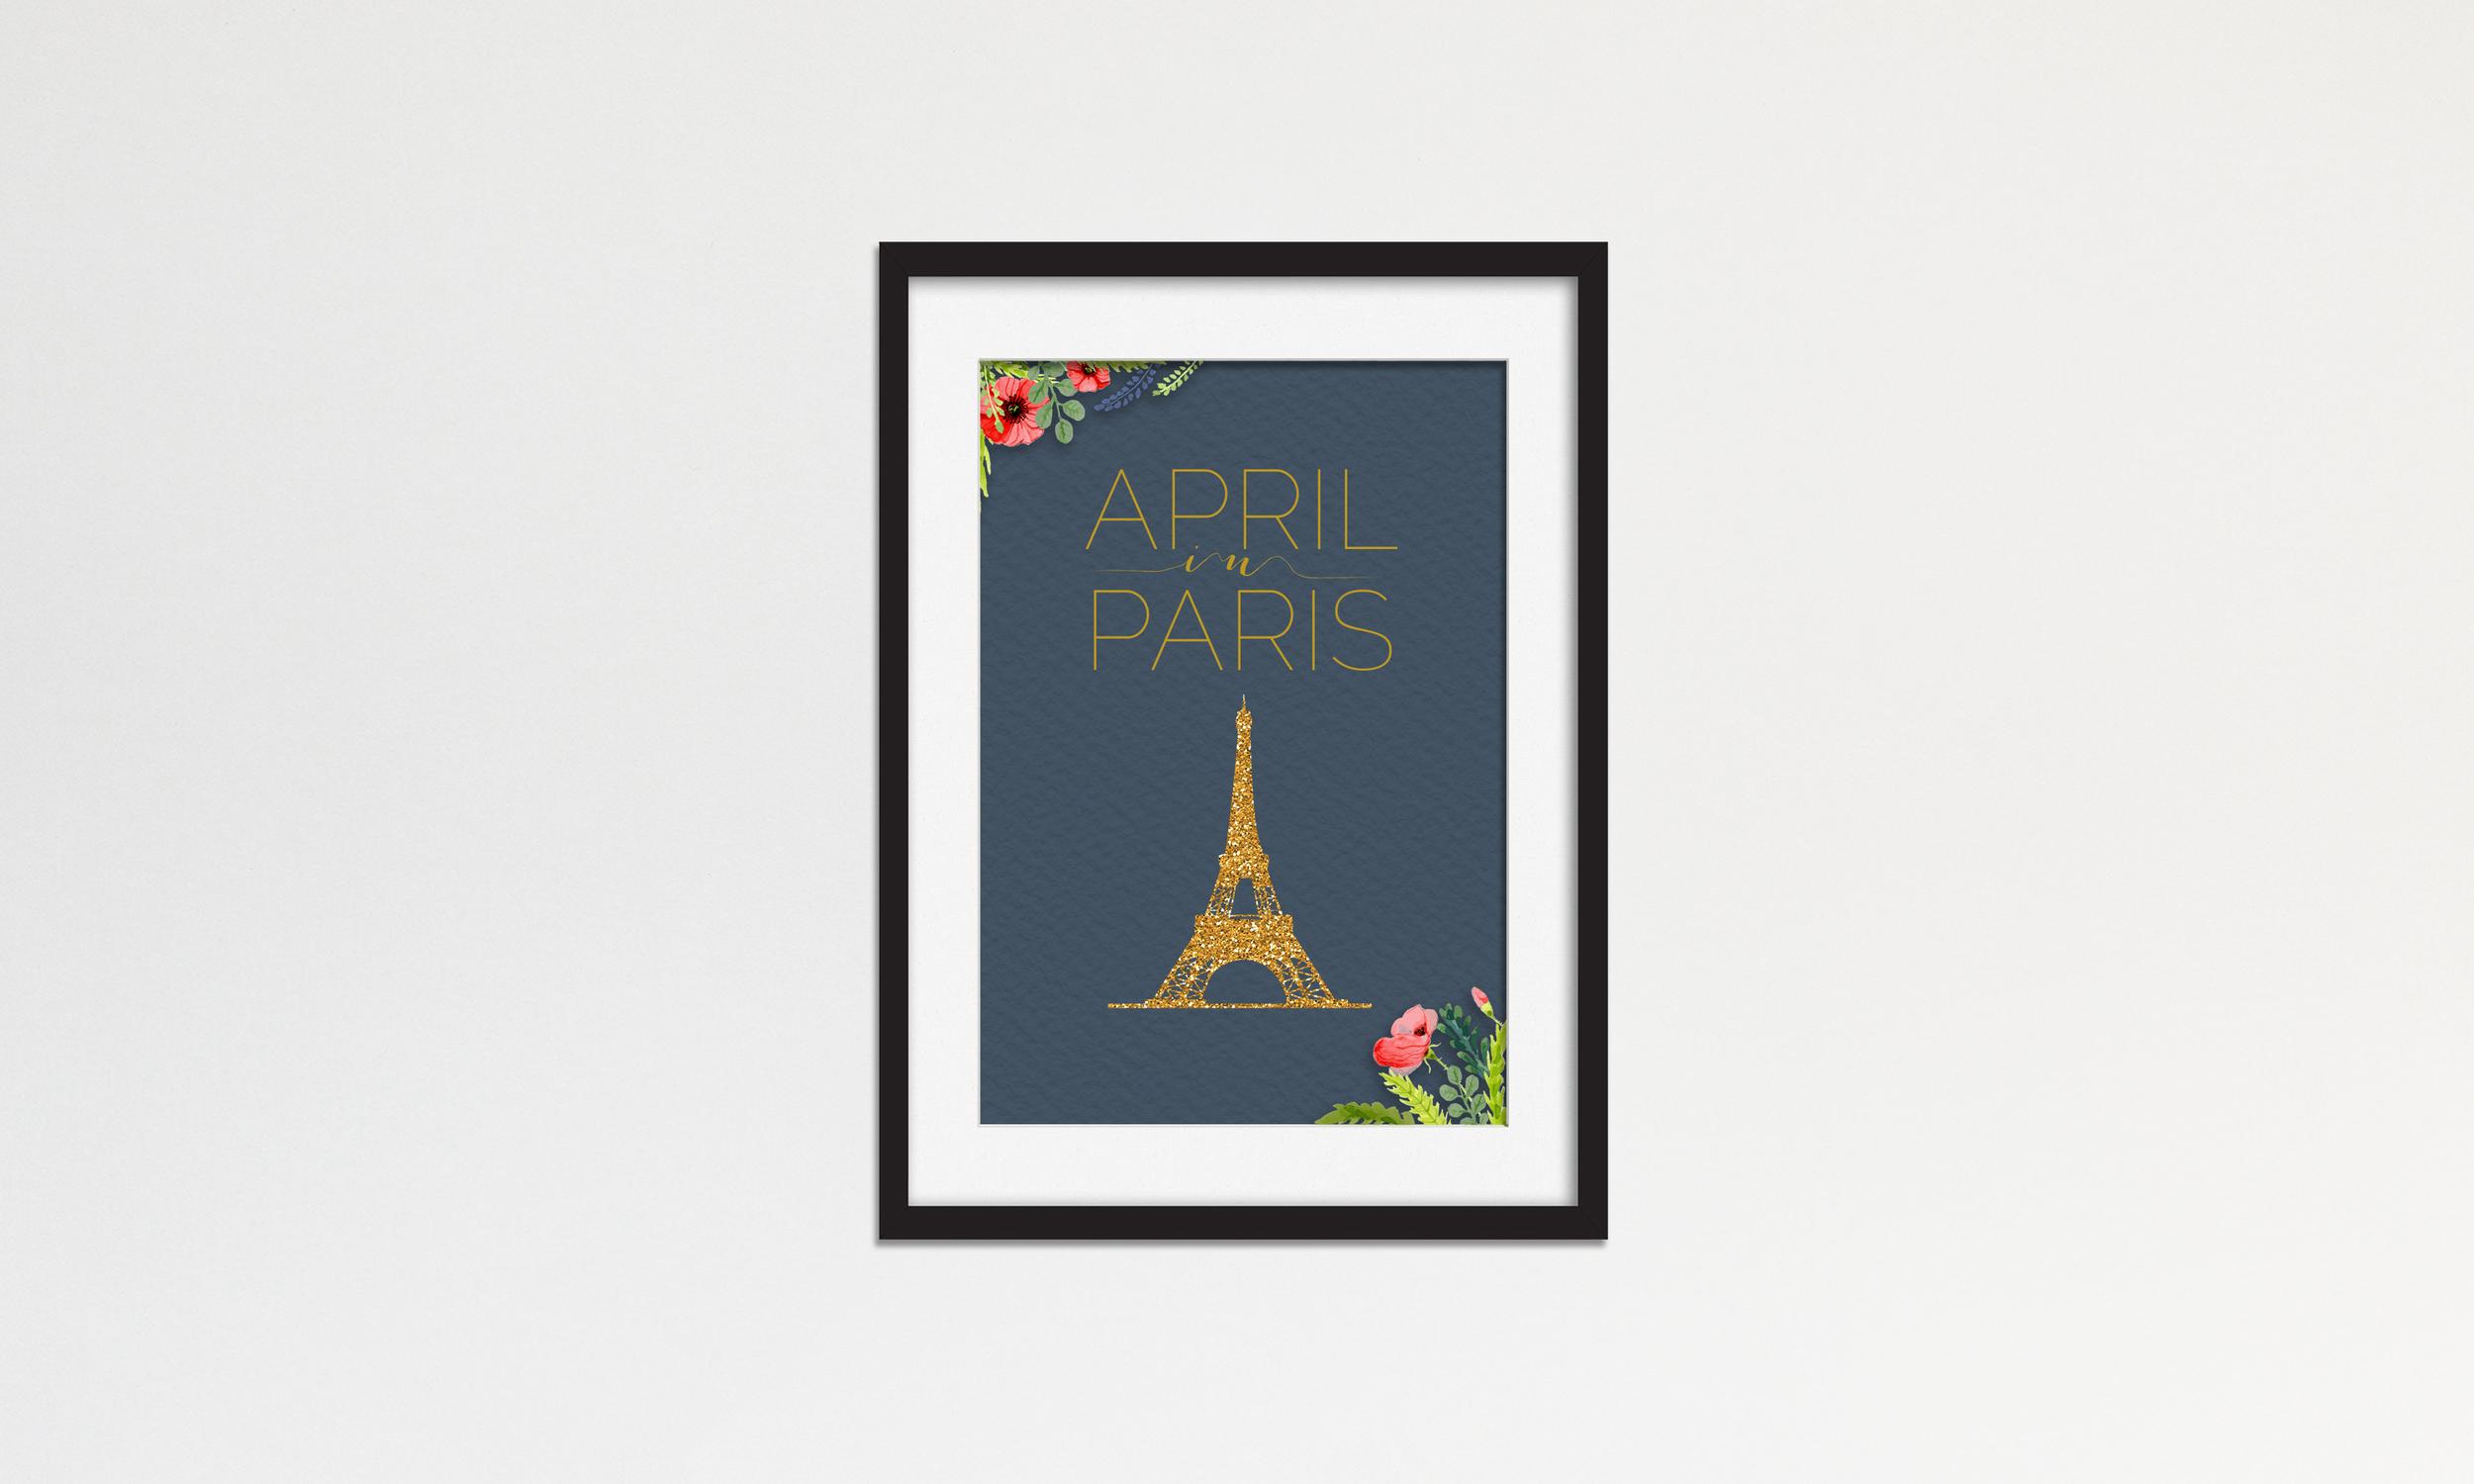 April in Paris Cover.jpg